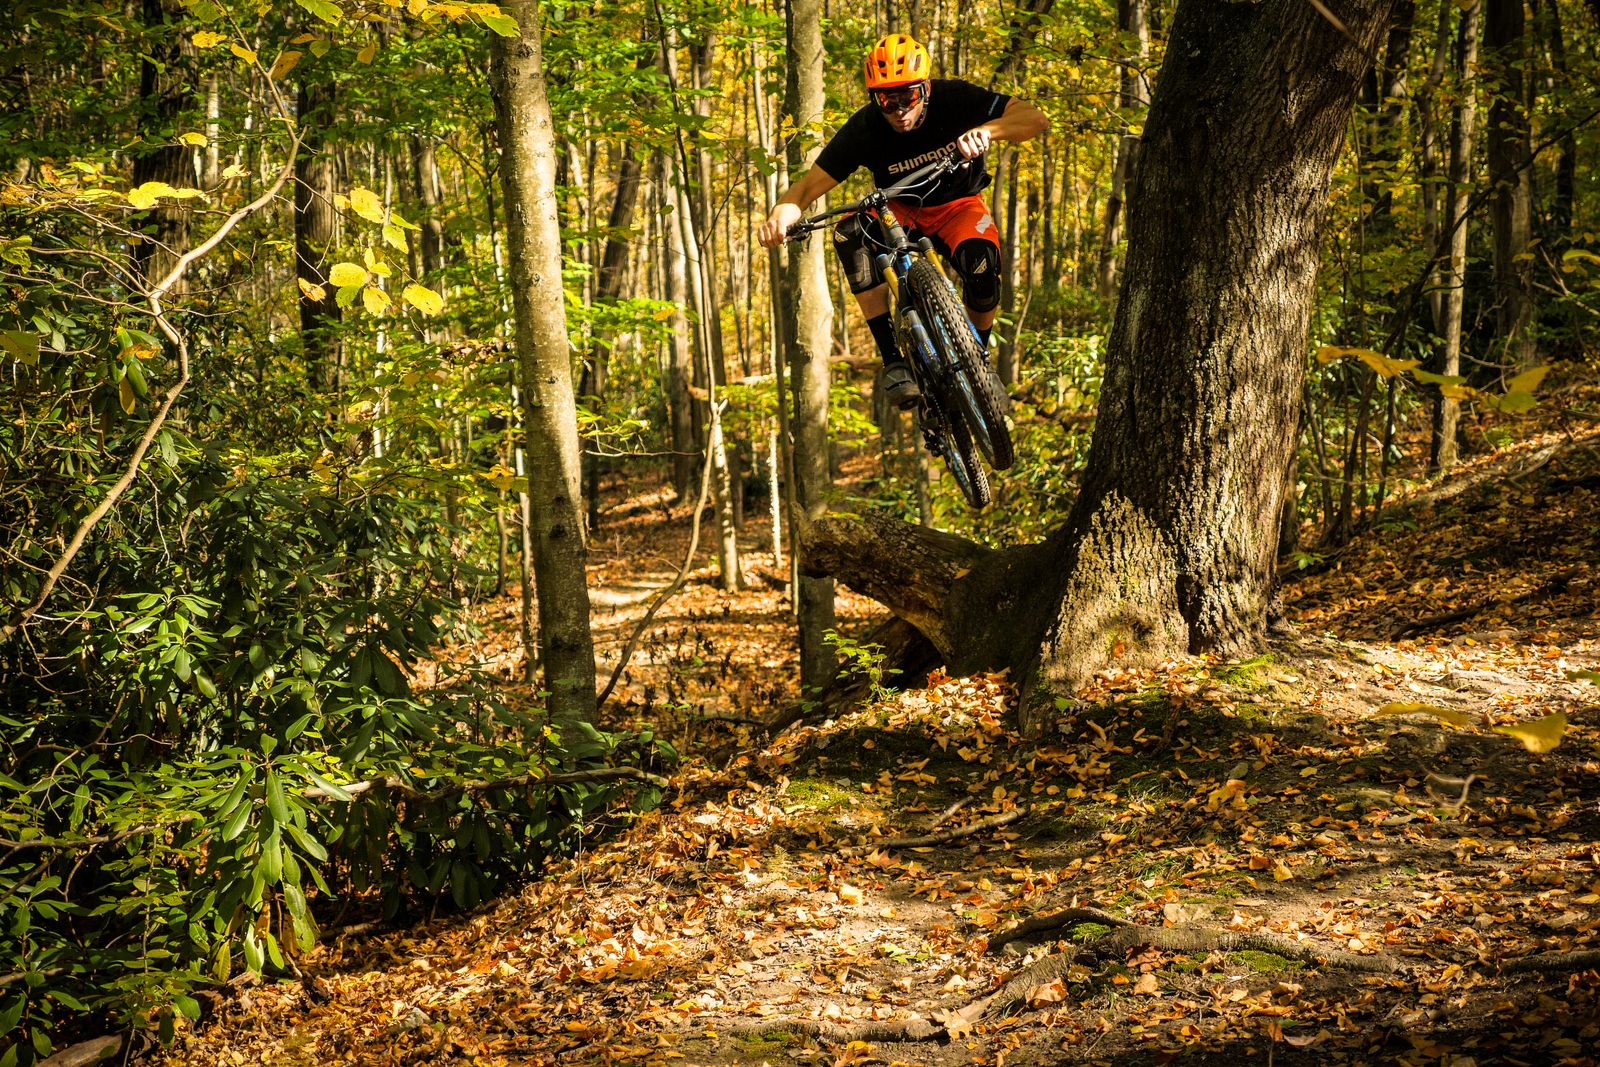 Brice rides a large Pivot Mach 6